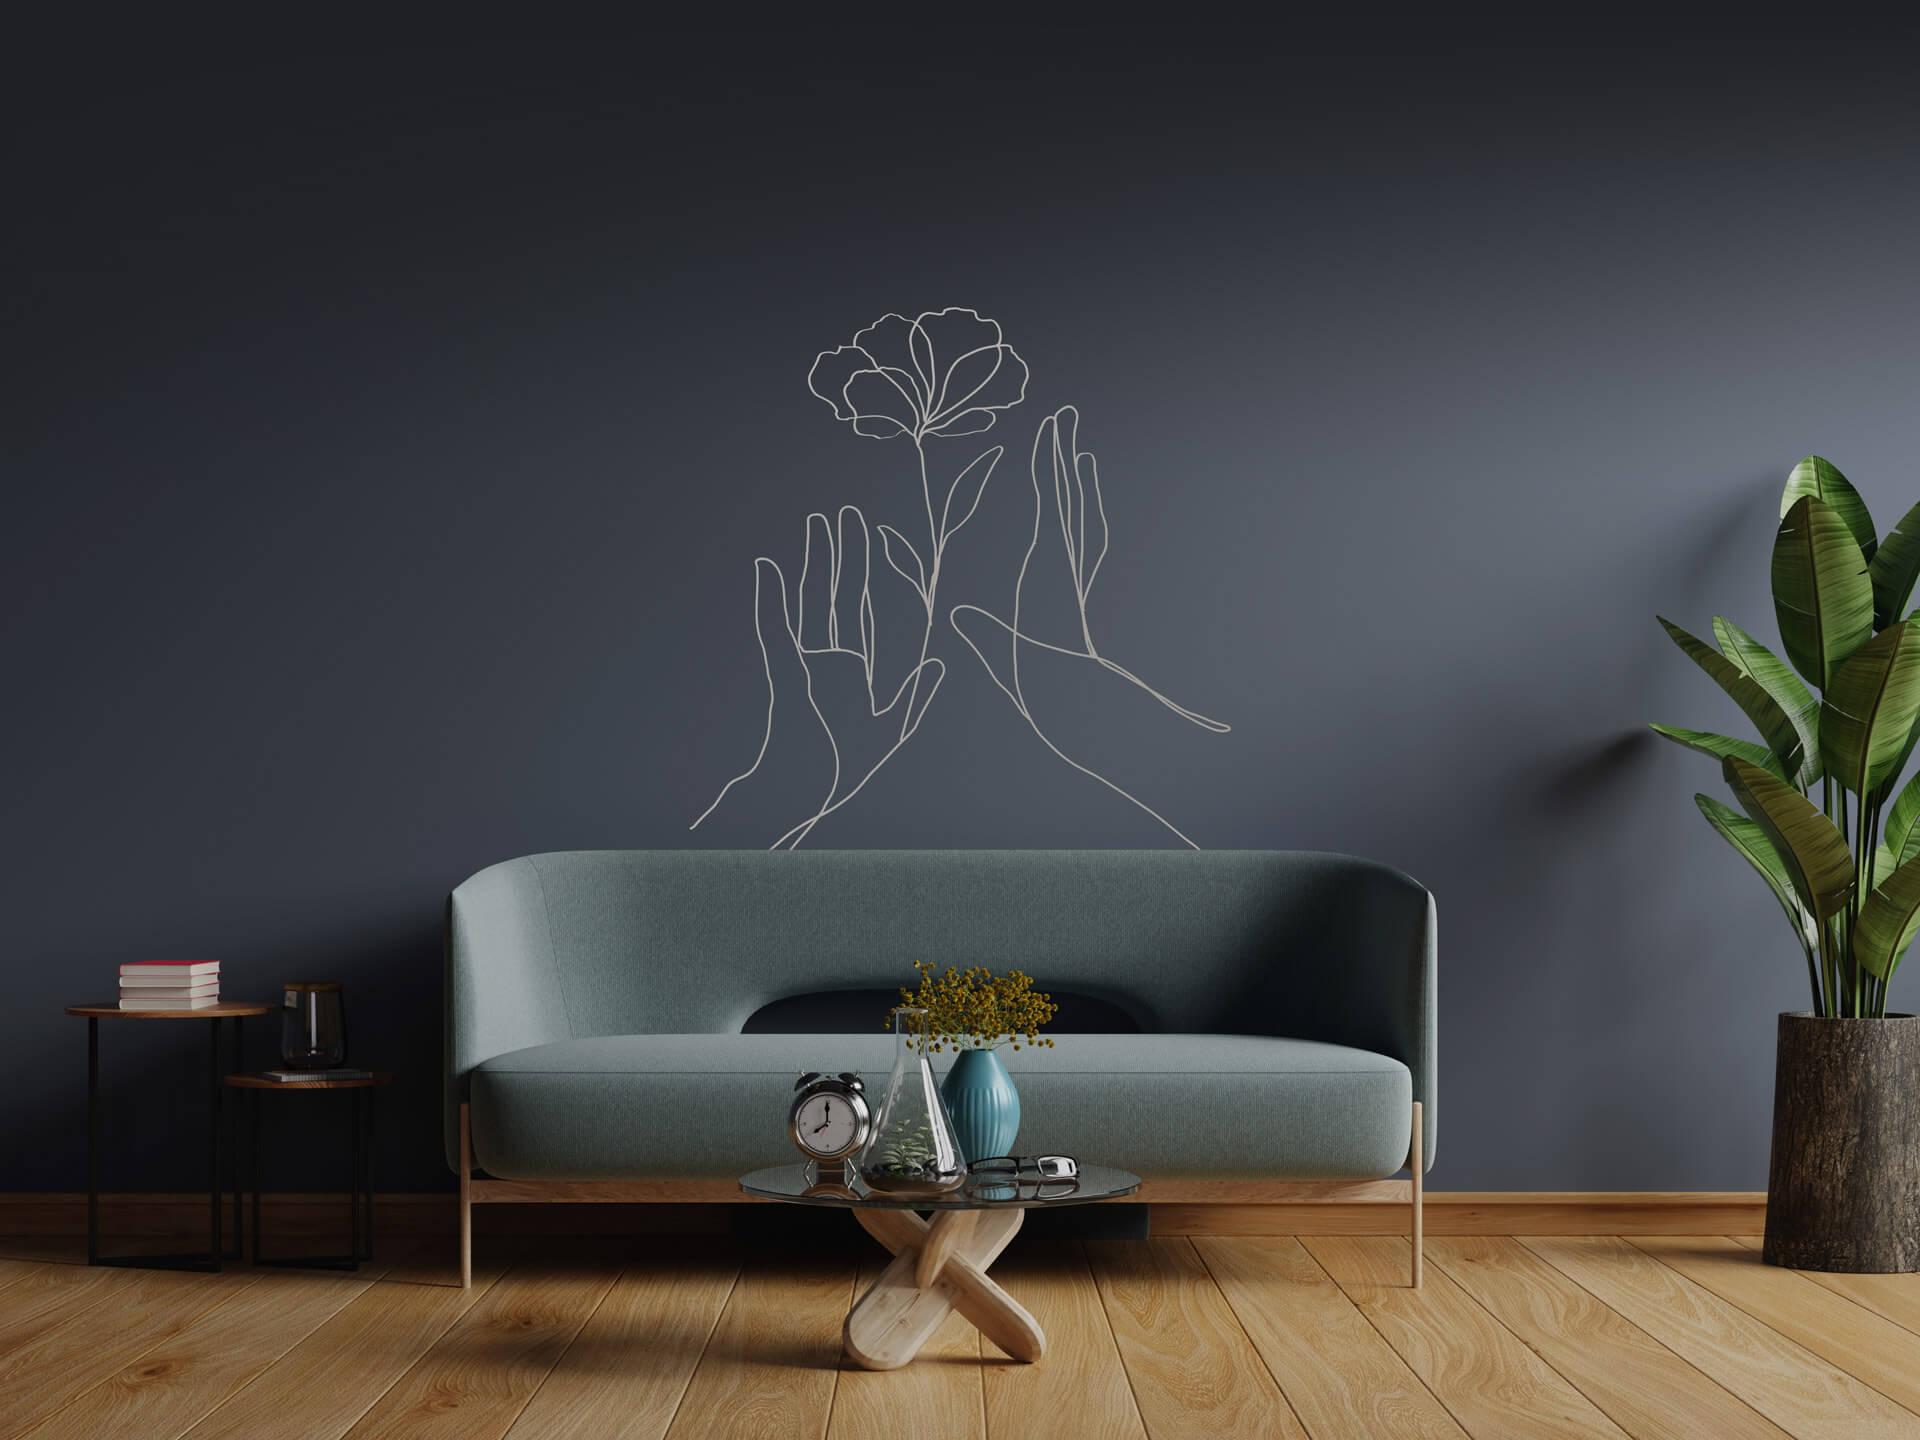 adesivi personalizzati murali per parete casa